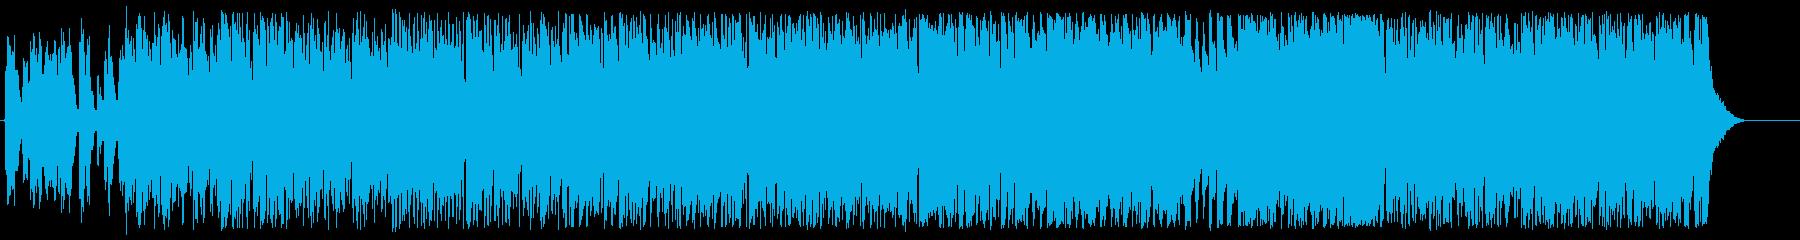 軽快でゴキゲンなフュージョンの再生済みの波形